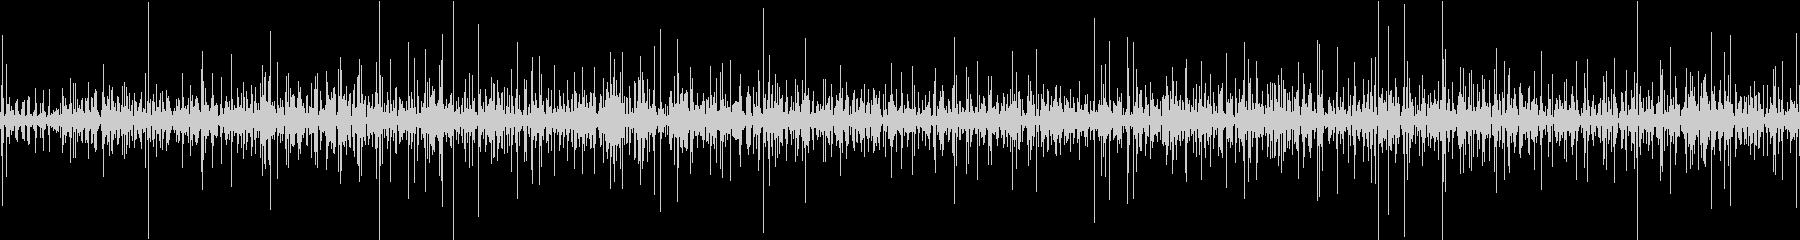 チョロチョロの未再生の波形